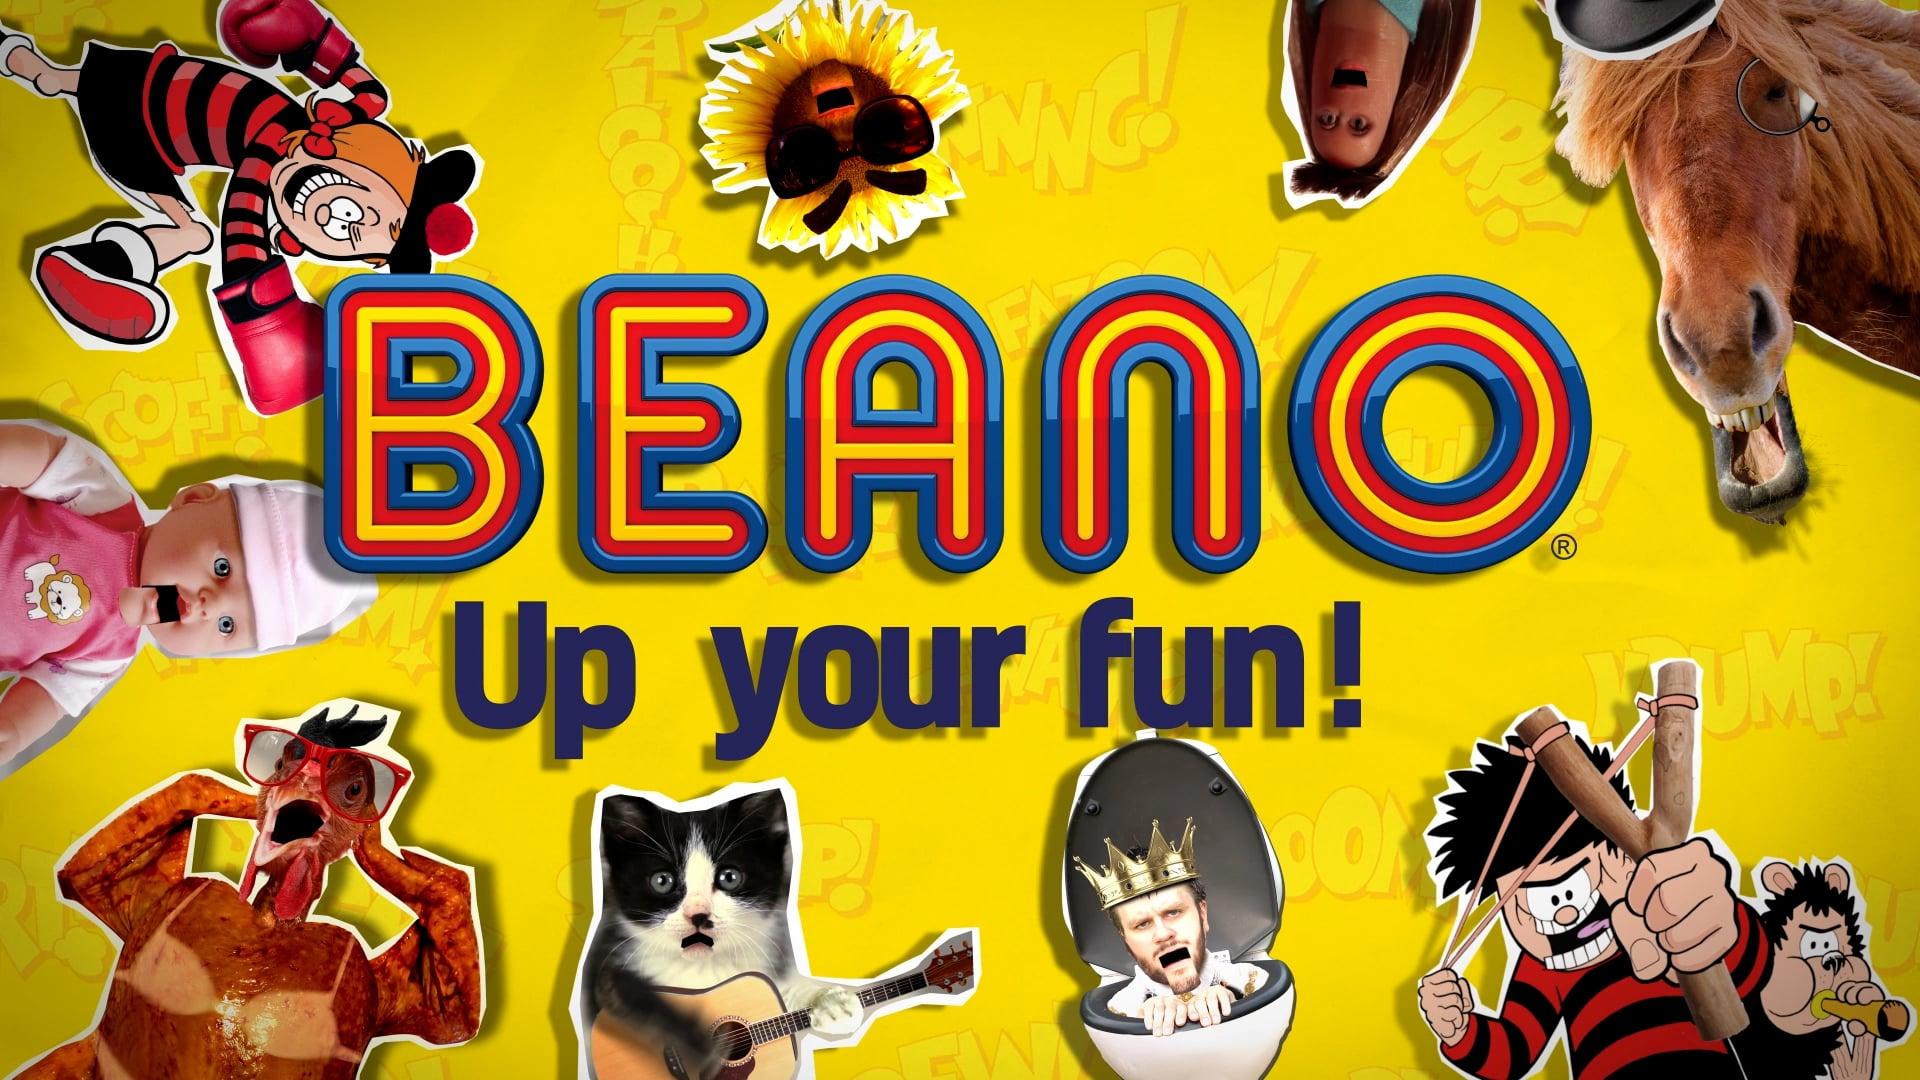 Beano 60_Master_H264